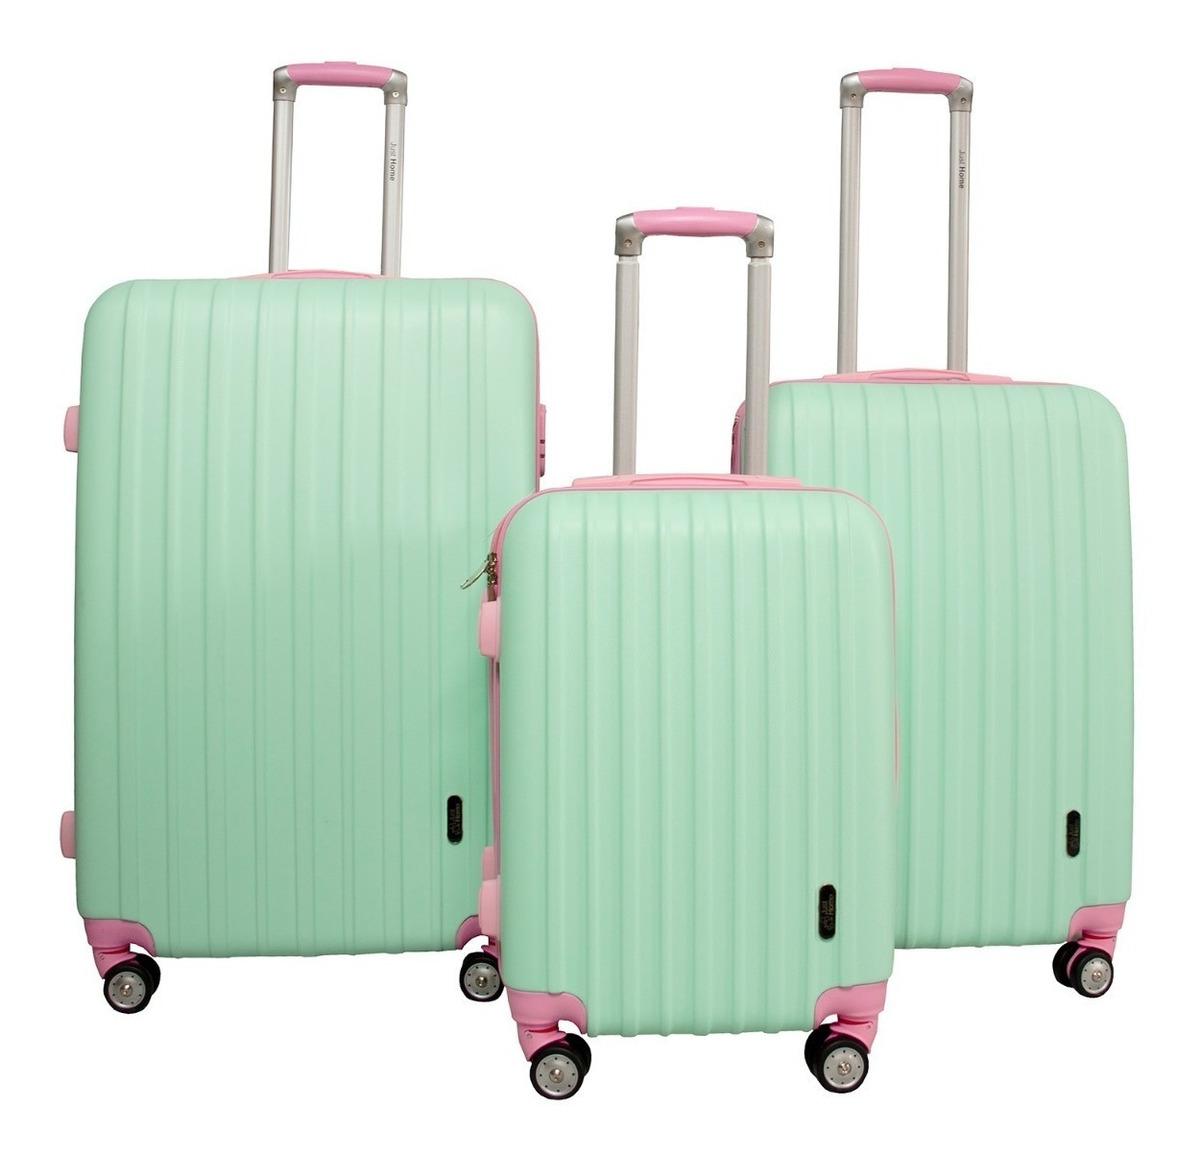 771cf01b8 juego 3 maletas rigidas viaje equipaje juvenil vacaciones. Cargando zoom.